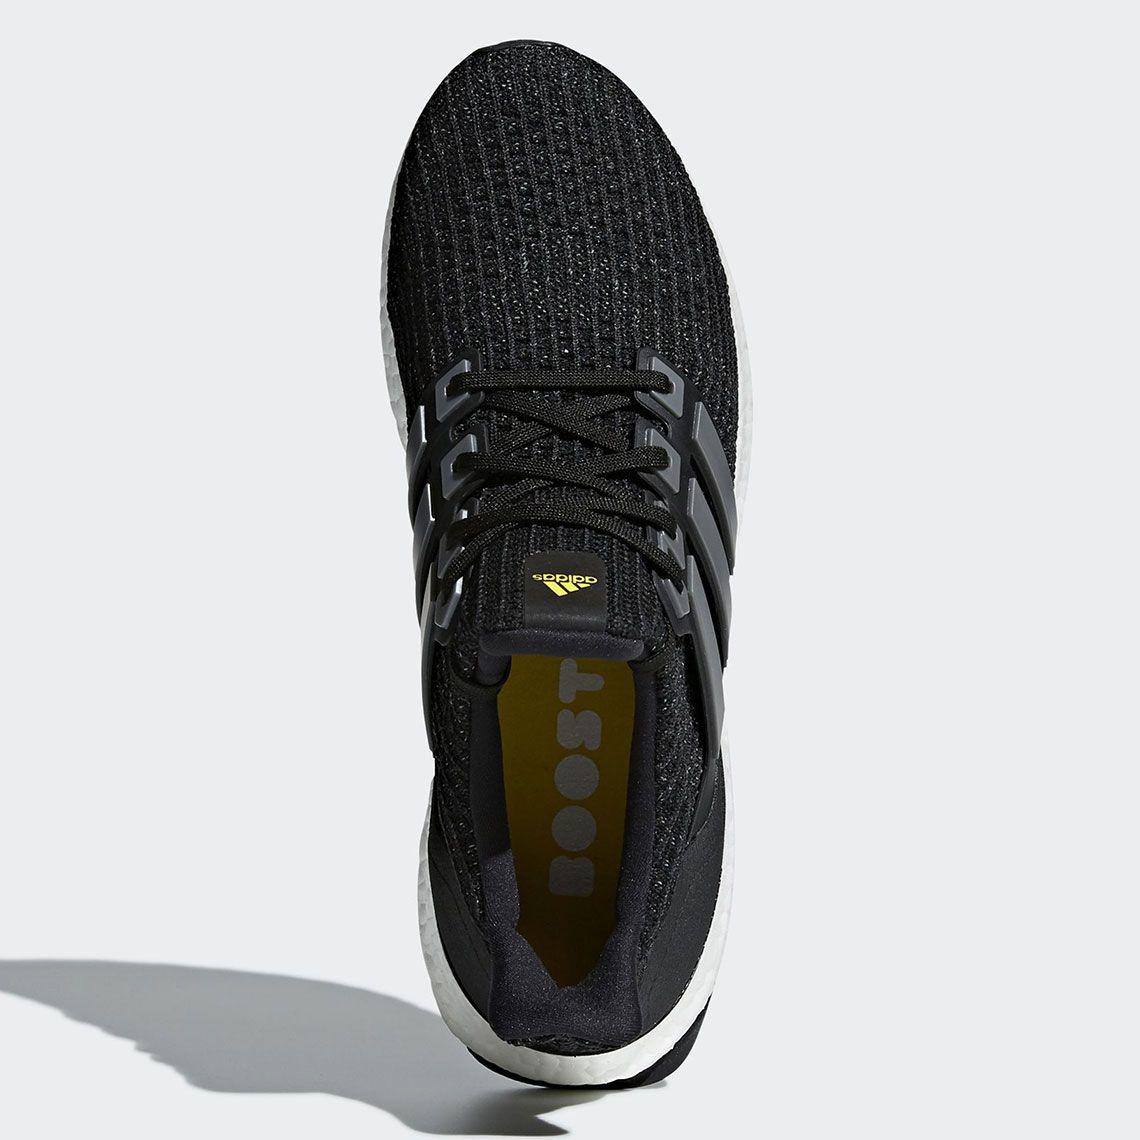 Adidas ultra Boost 5º aniversario bb6220 fecha de lanzamiento de zapatos